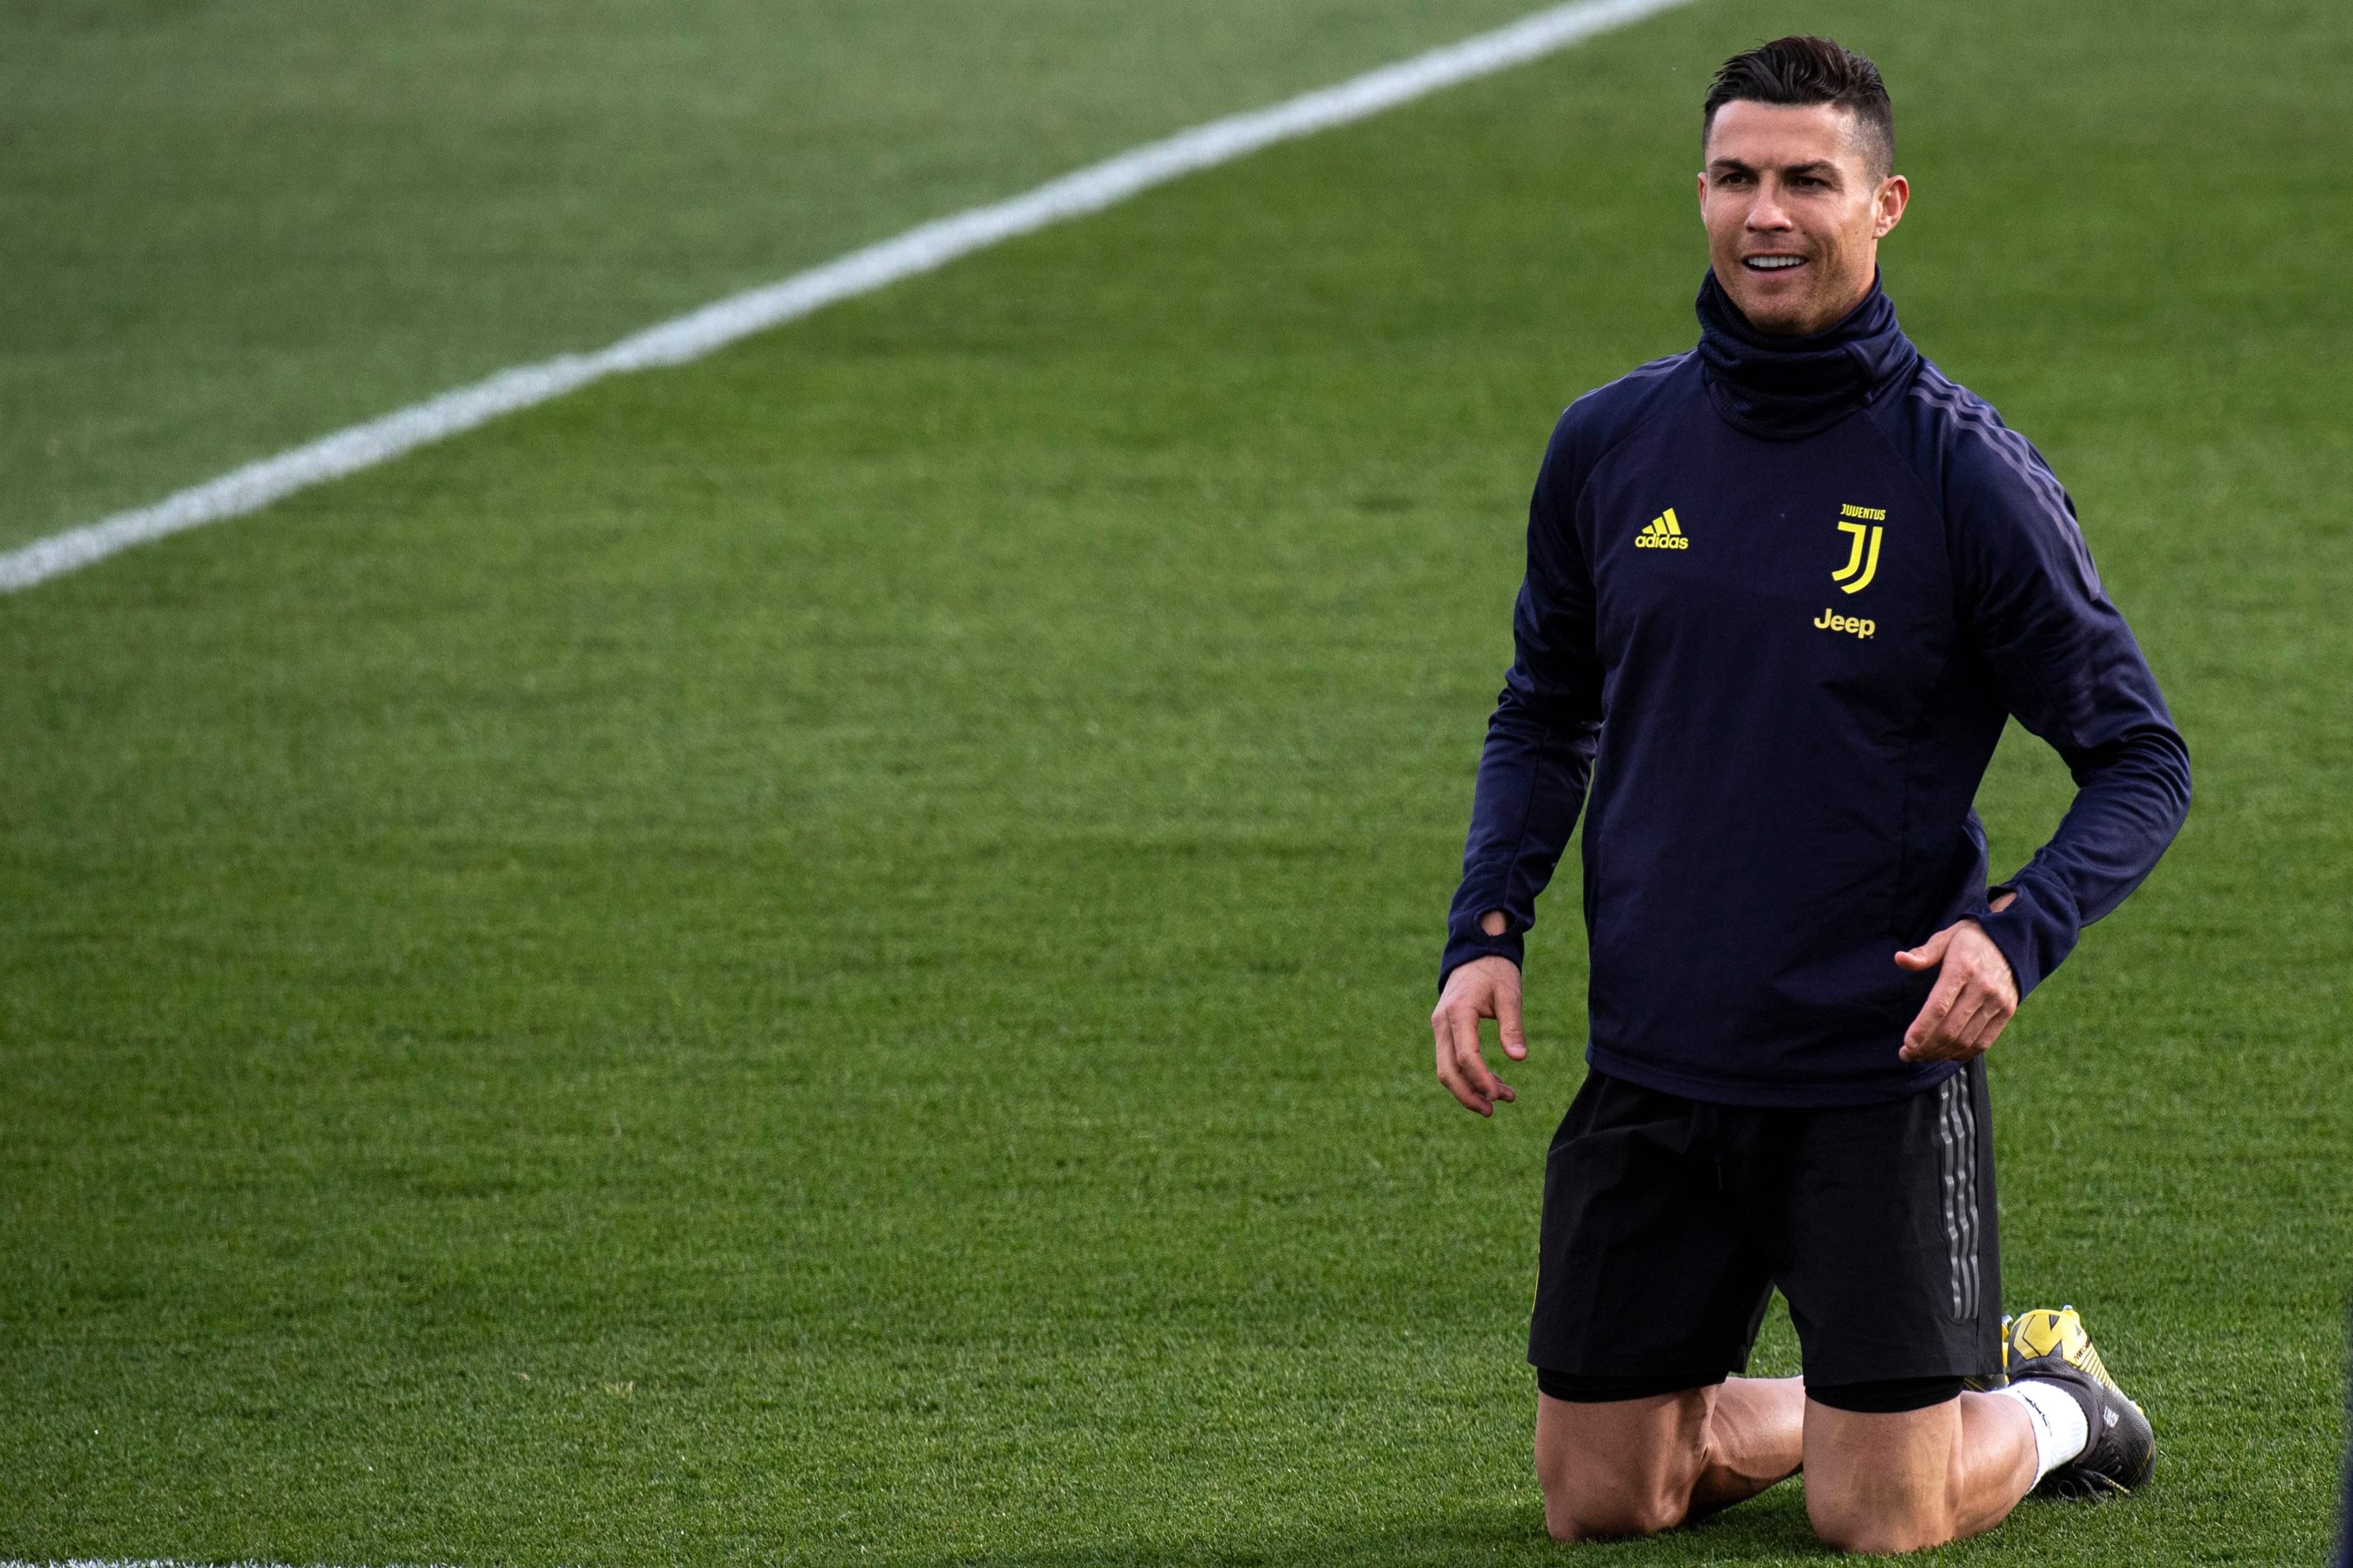 El delantero portugués Cristiano Ronaldo es feliz en Italia. (Foto Prensa Libre: AFP)